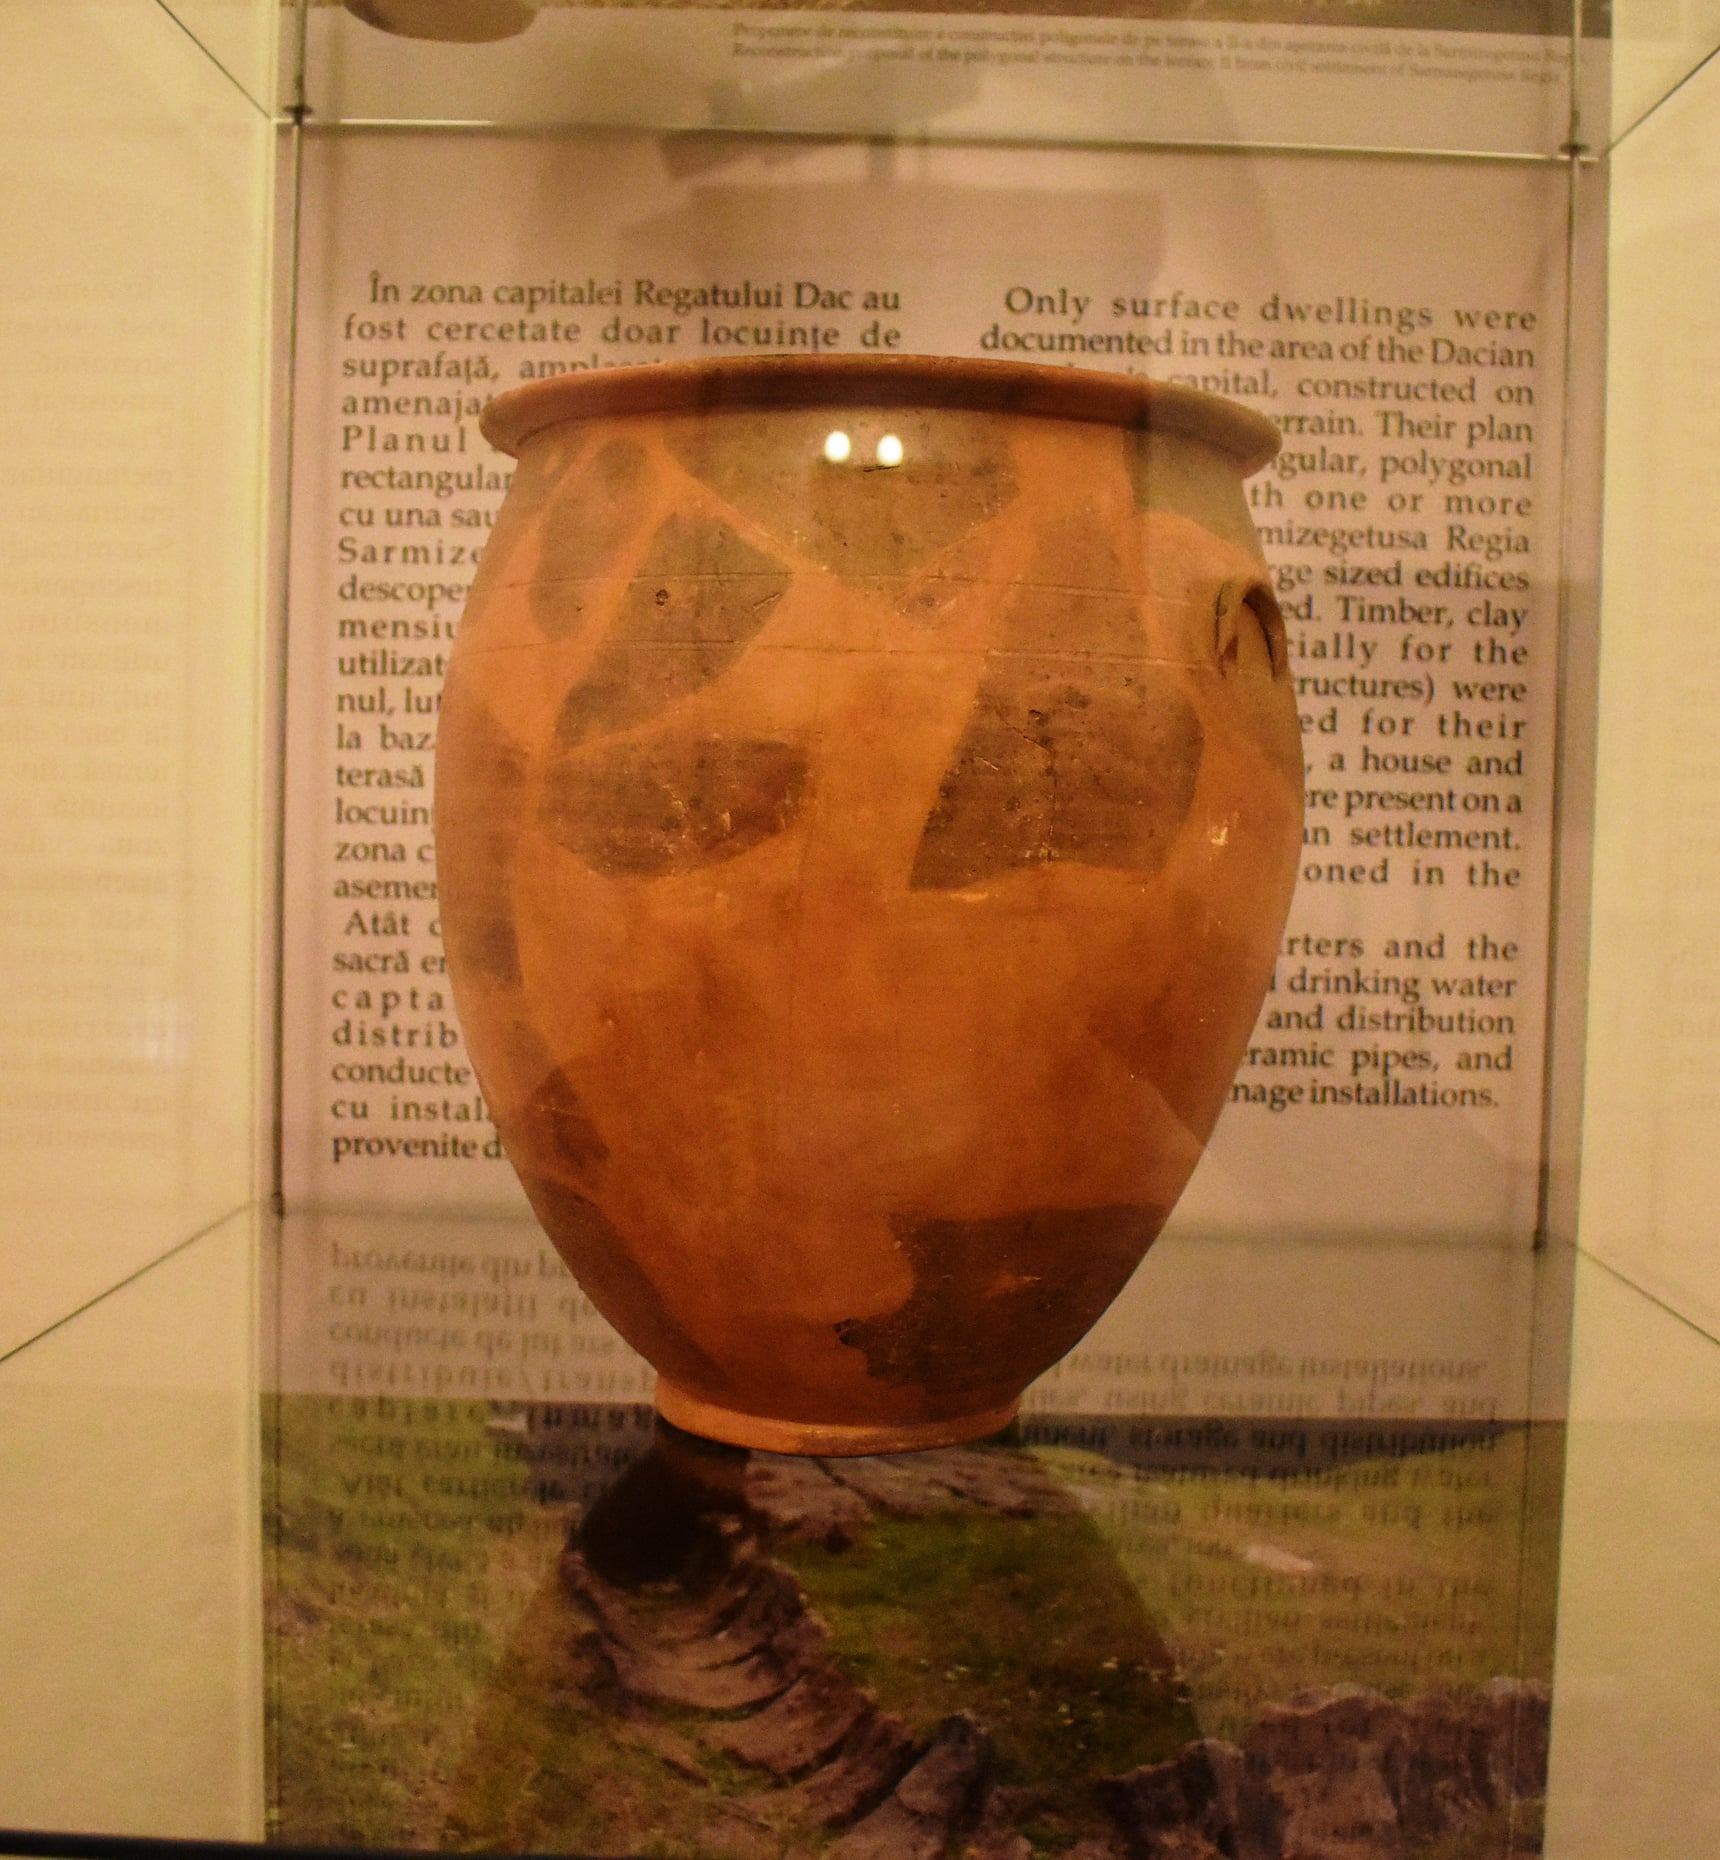 Expoziție impresionantă la Muzeul Civilizației Dacice și Romane din Deva